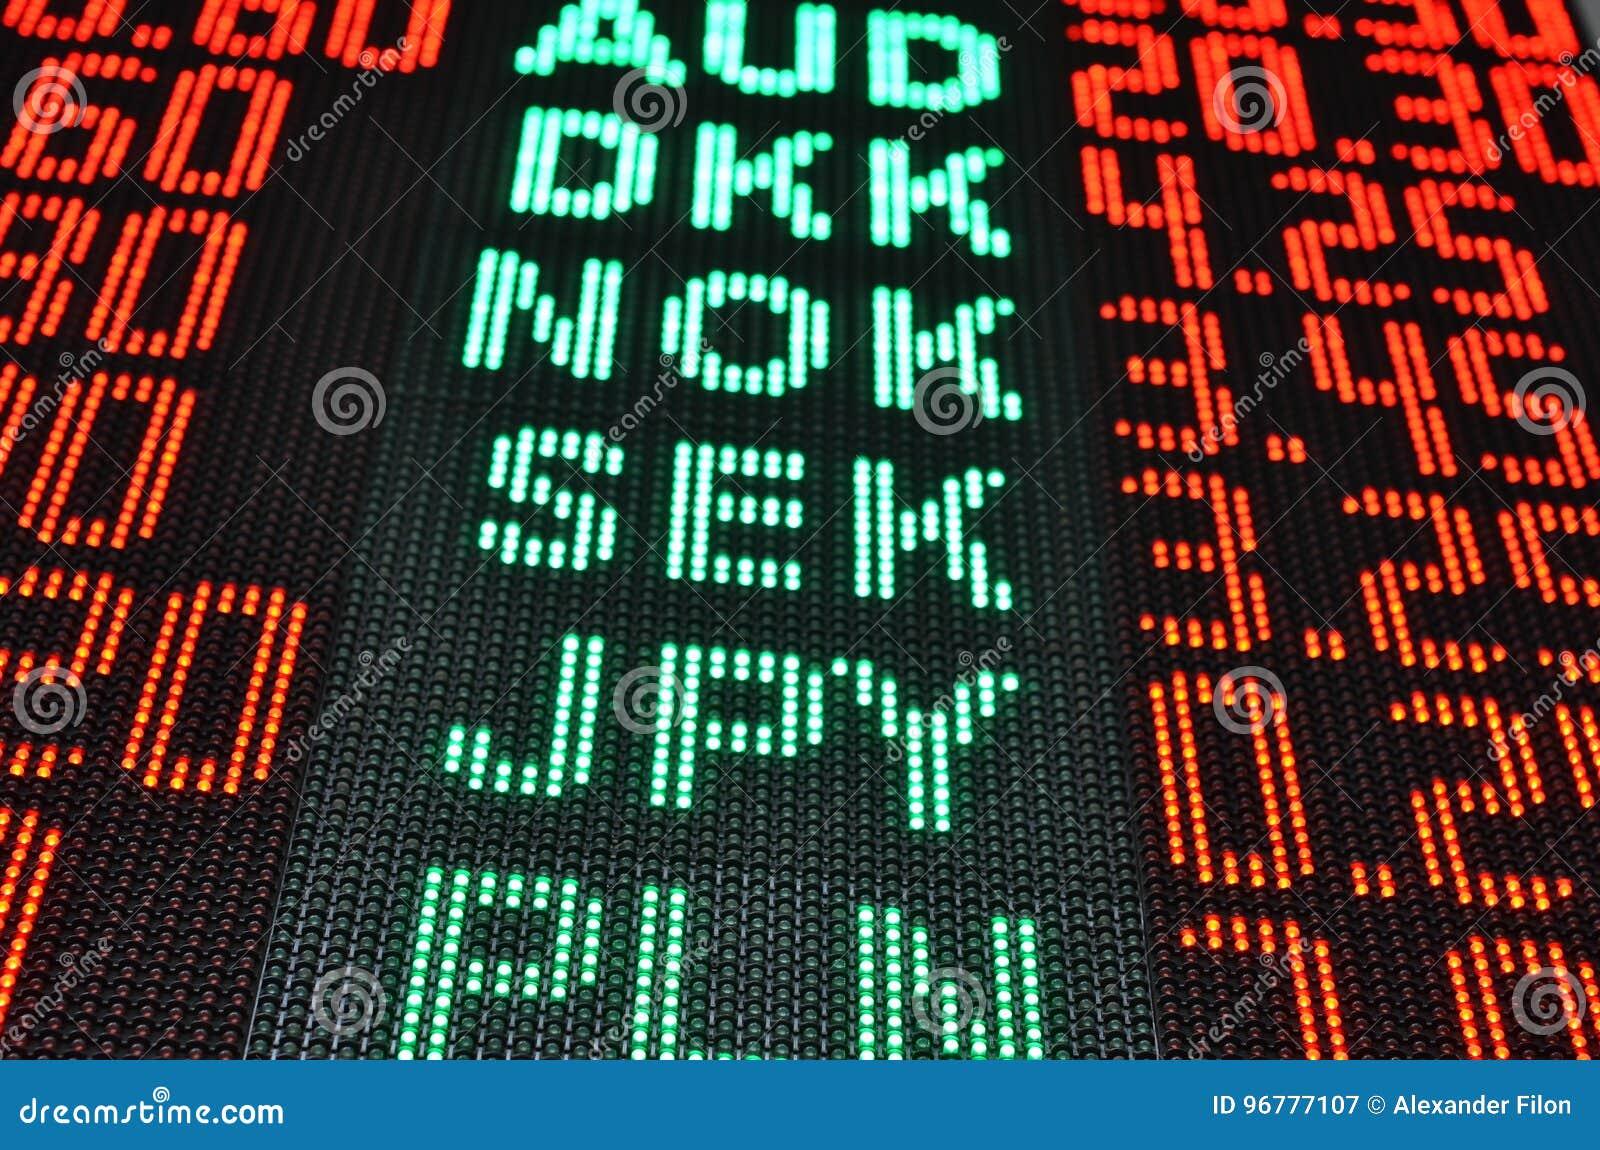 αγοράστε την ισοτιμία συναλλαγματικής ισοτιμίας το 2020